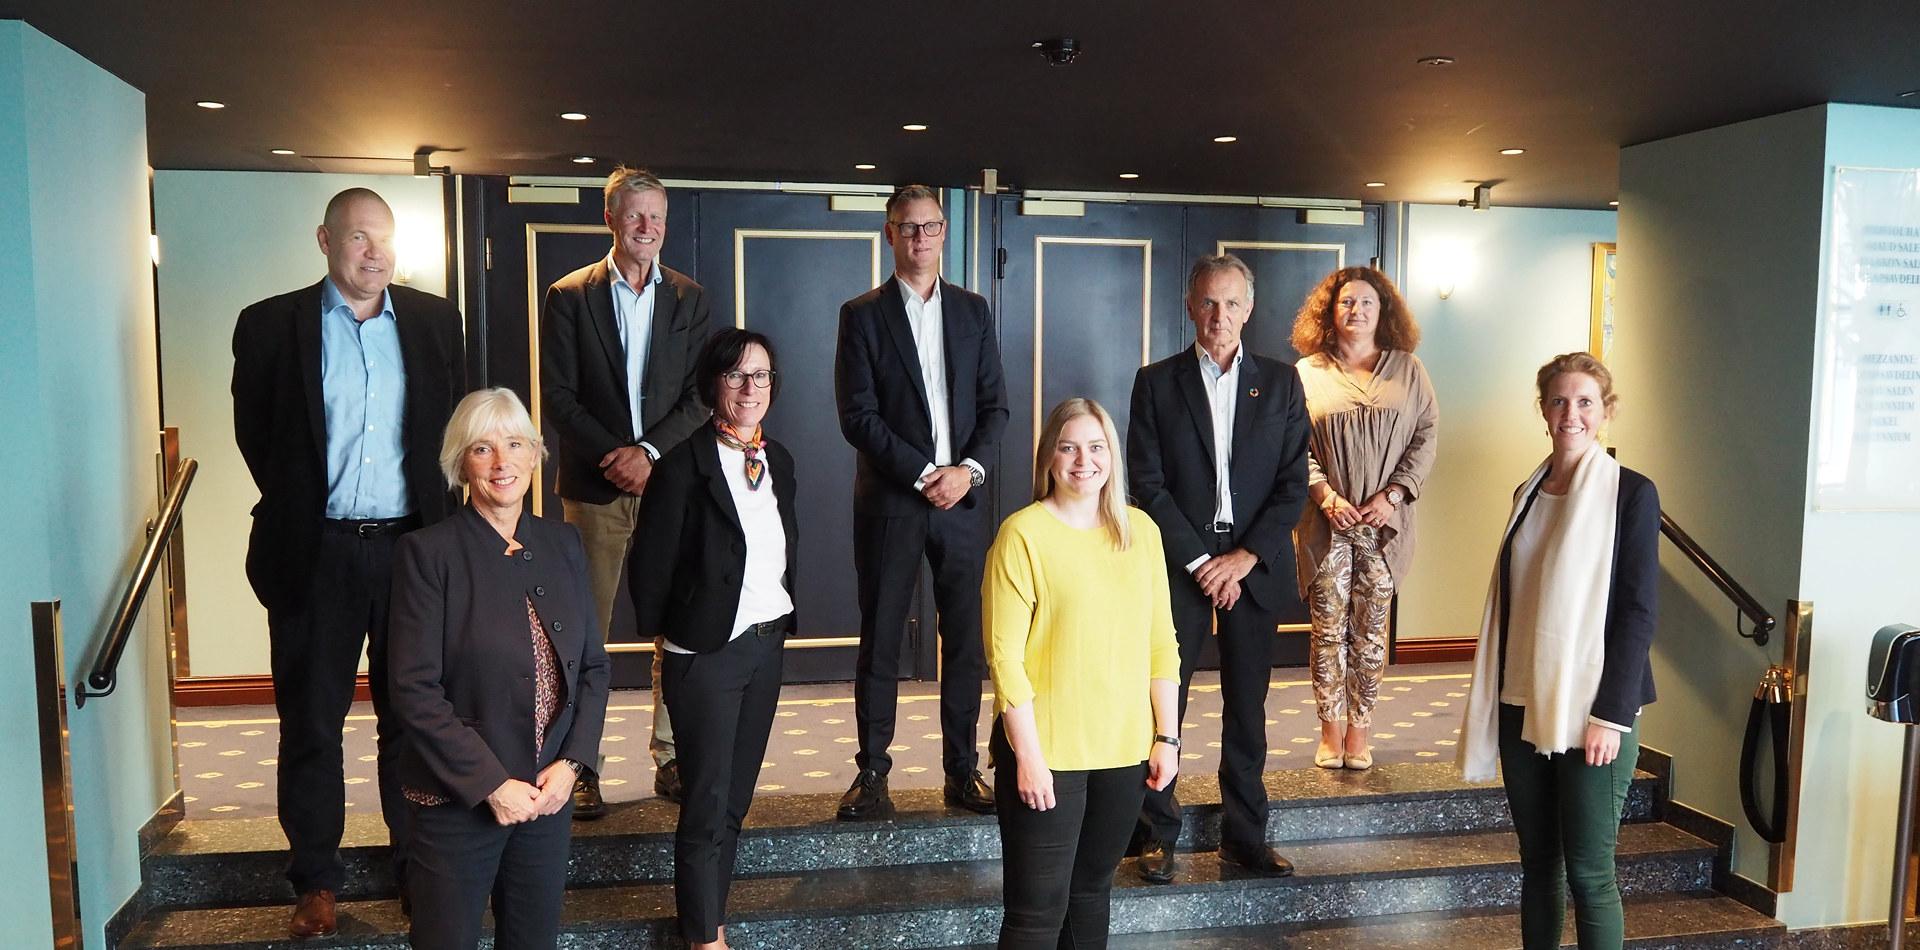 Medlemmer i prosjektstyret for havvindsatsing